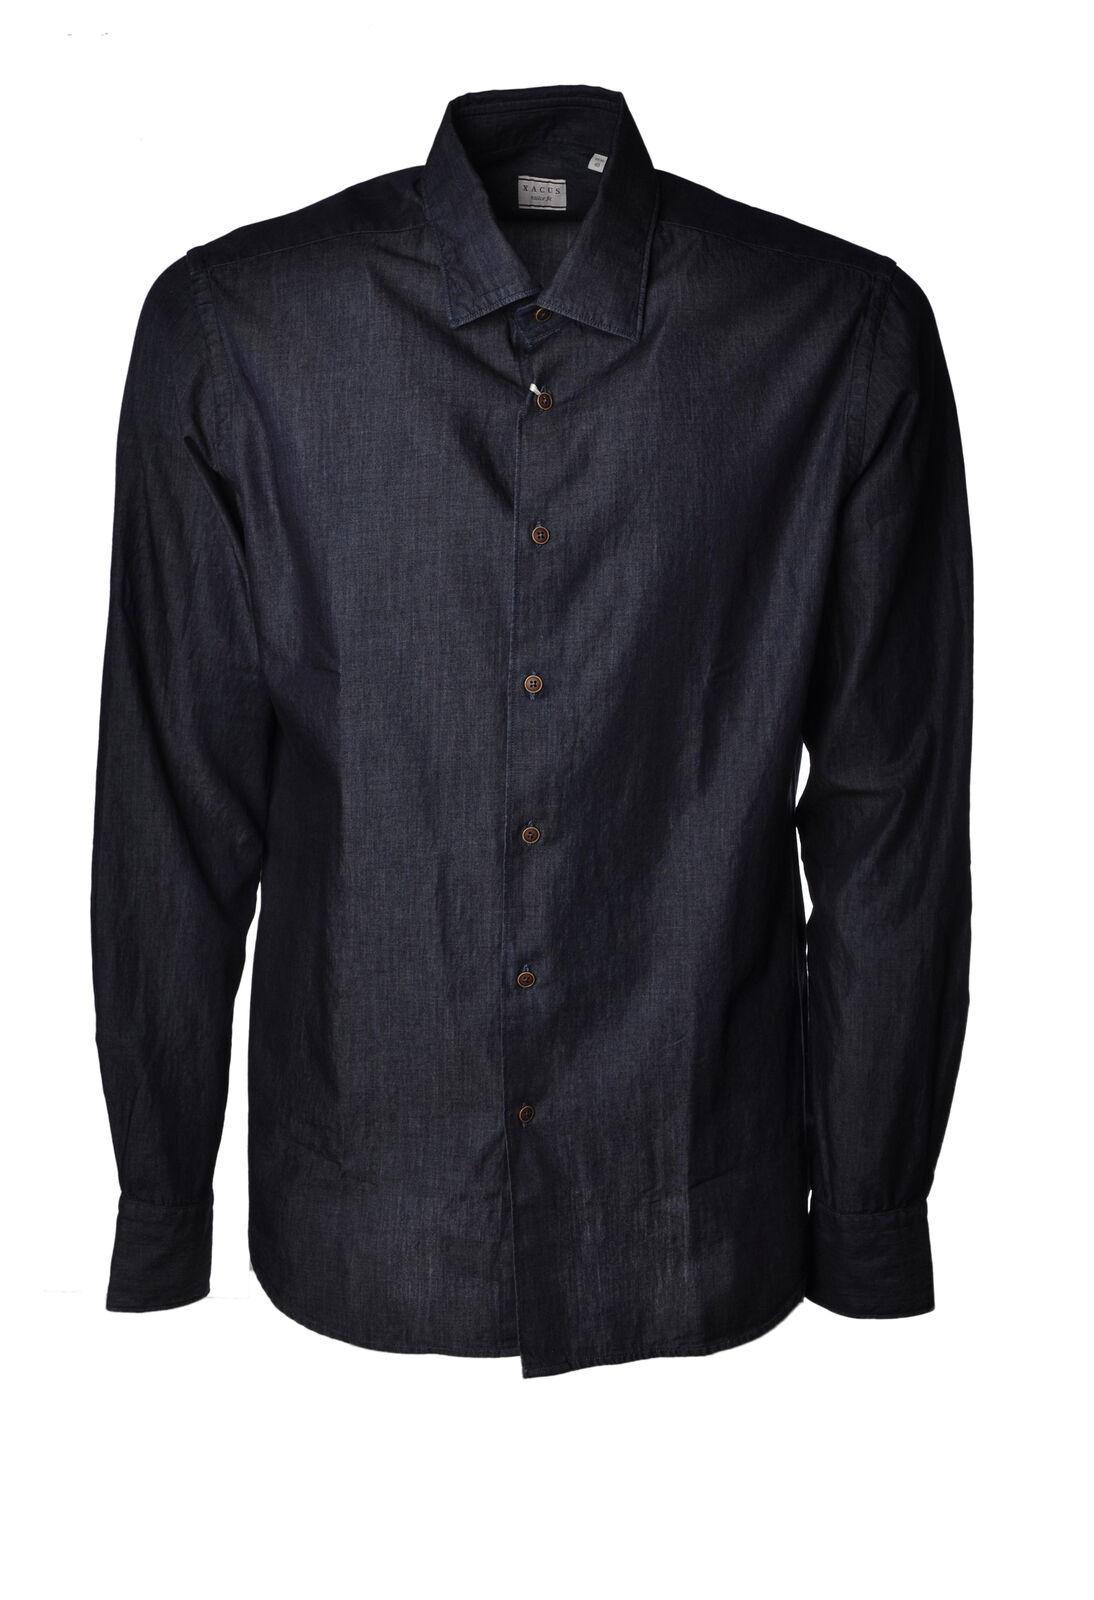 Xacus  -  Shirts - Male - Denim - 3176615A183743